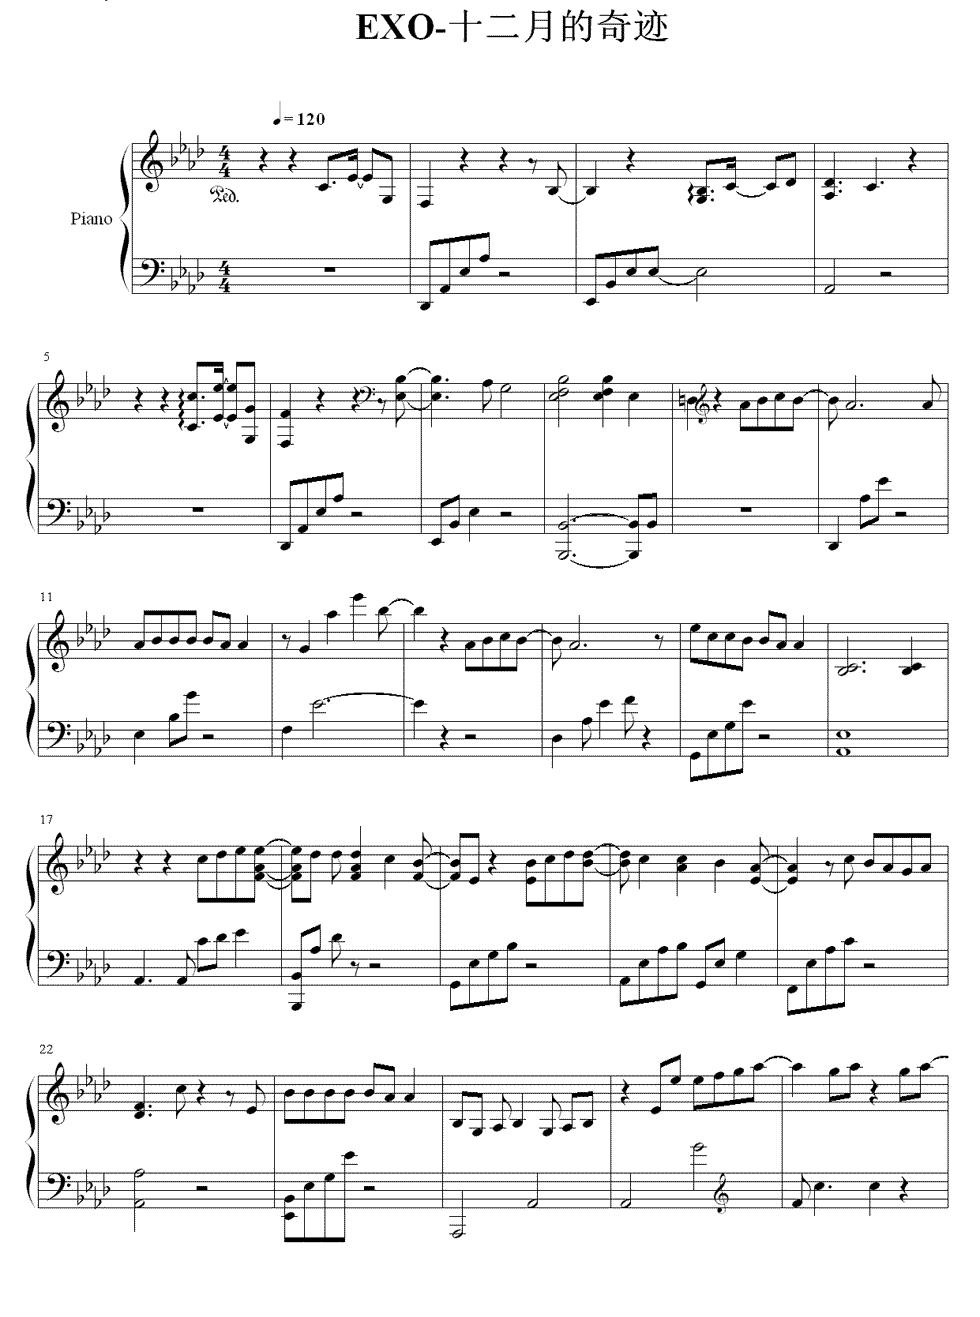 求exo十二月的奇迹的钢琴伴奏五线谱,要原版的,要原版